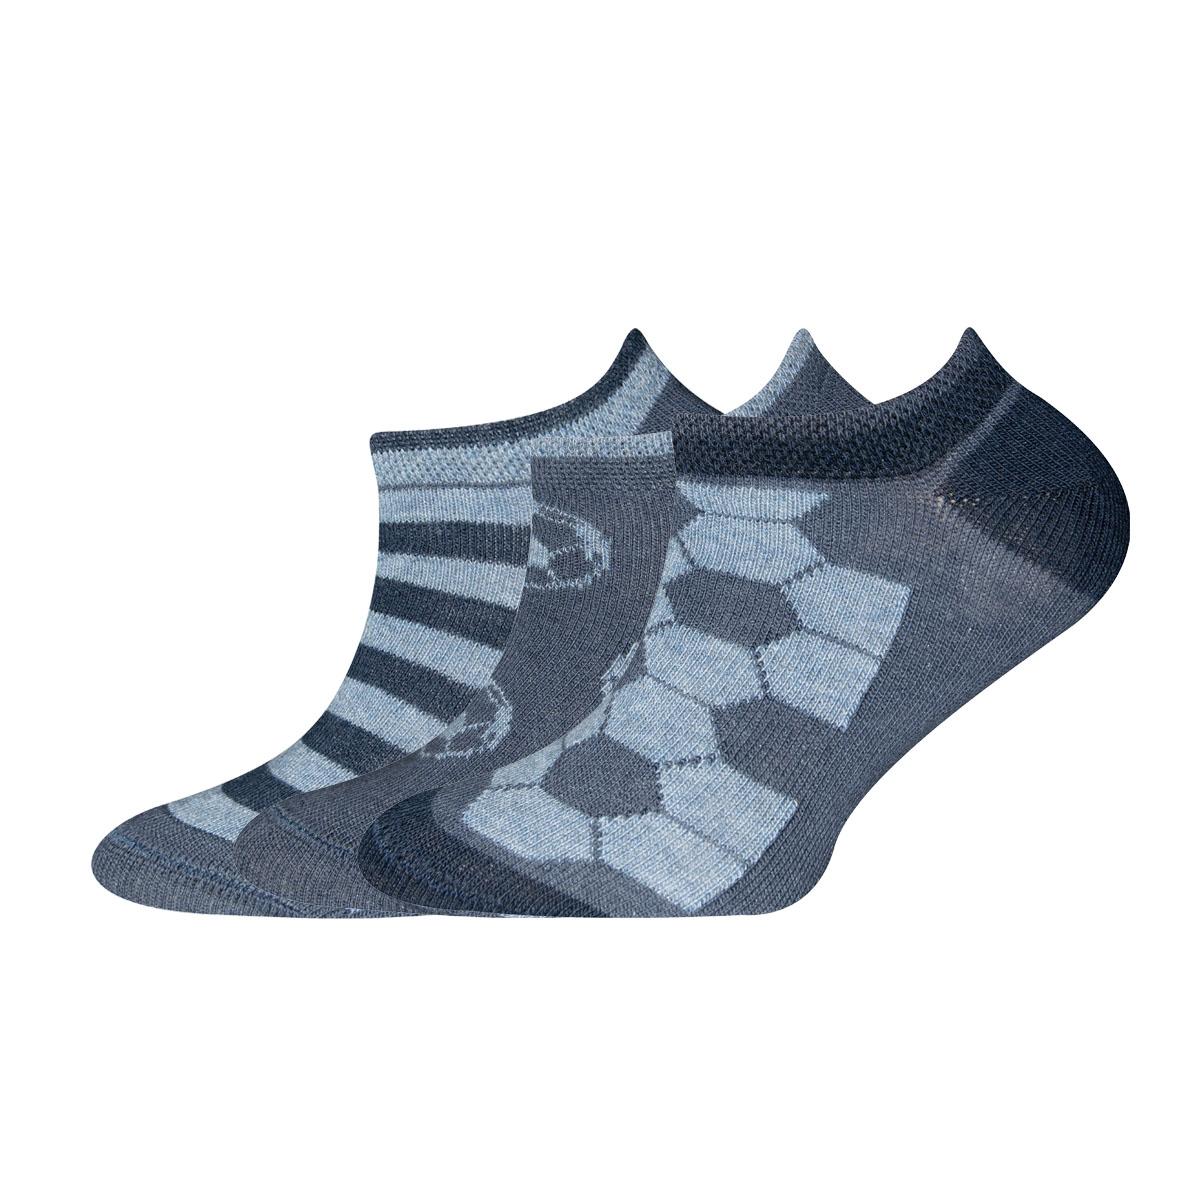 Sneaker 3er Pack Fußball, Ringel, Größe: 35-38